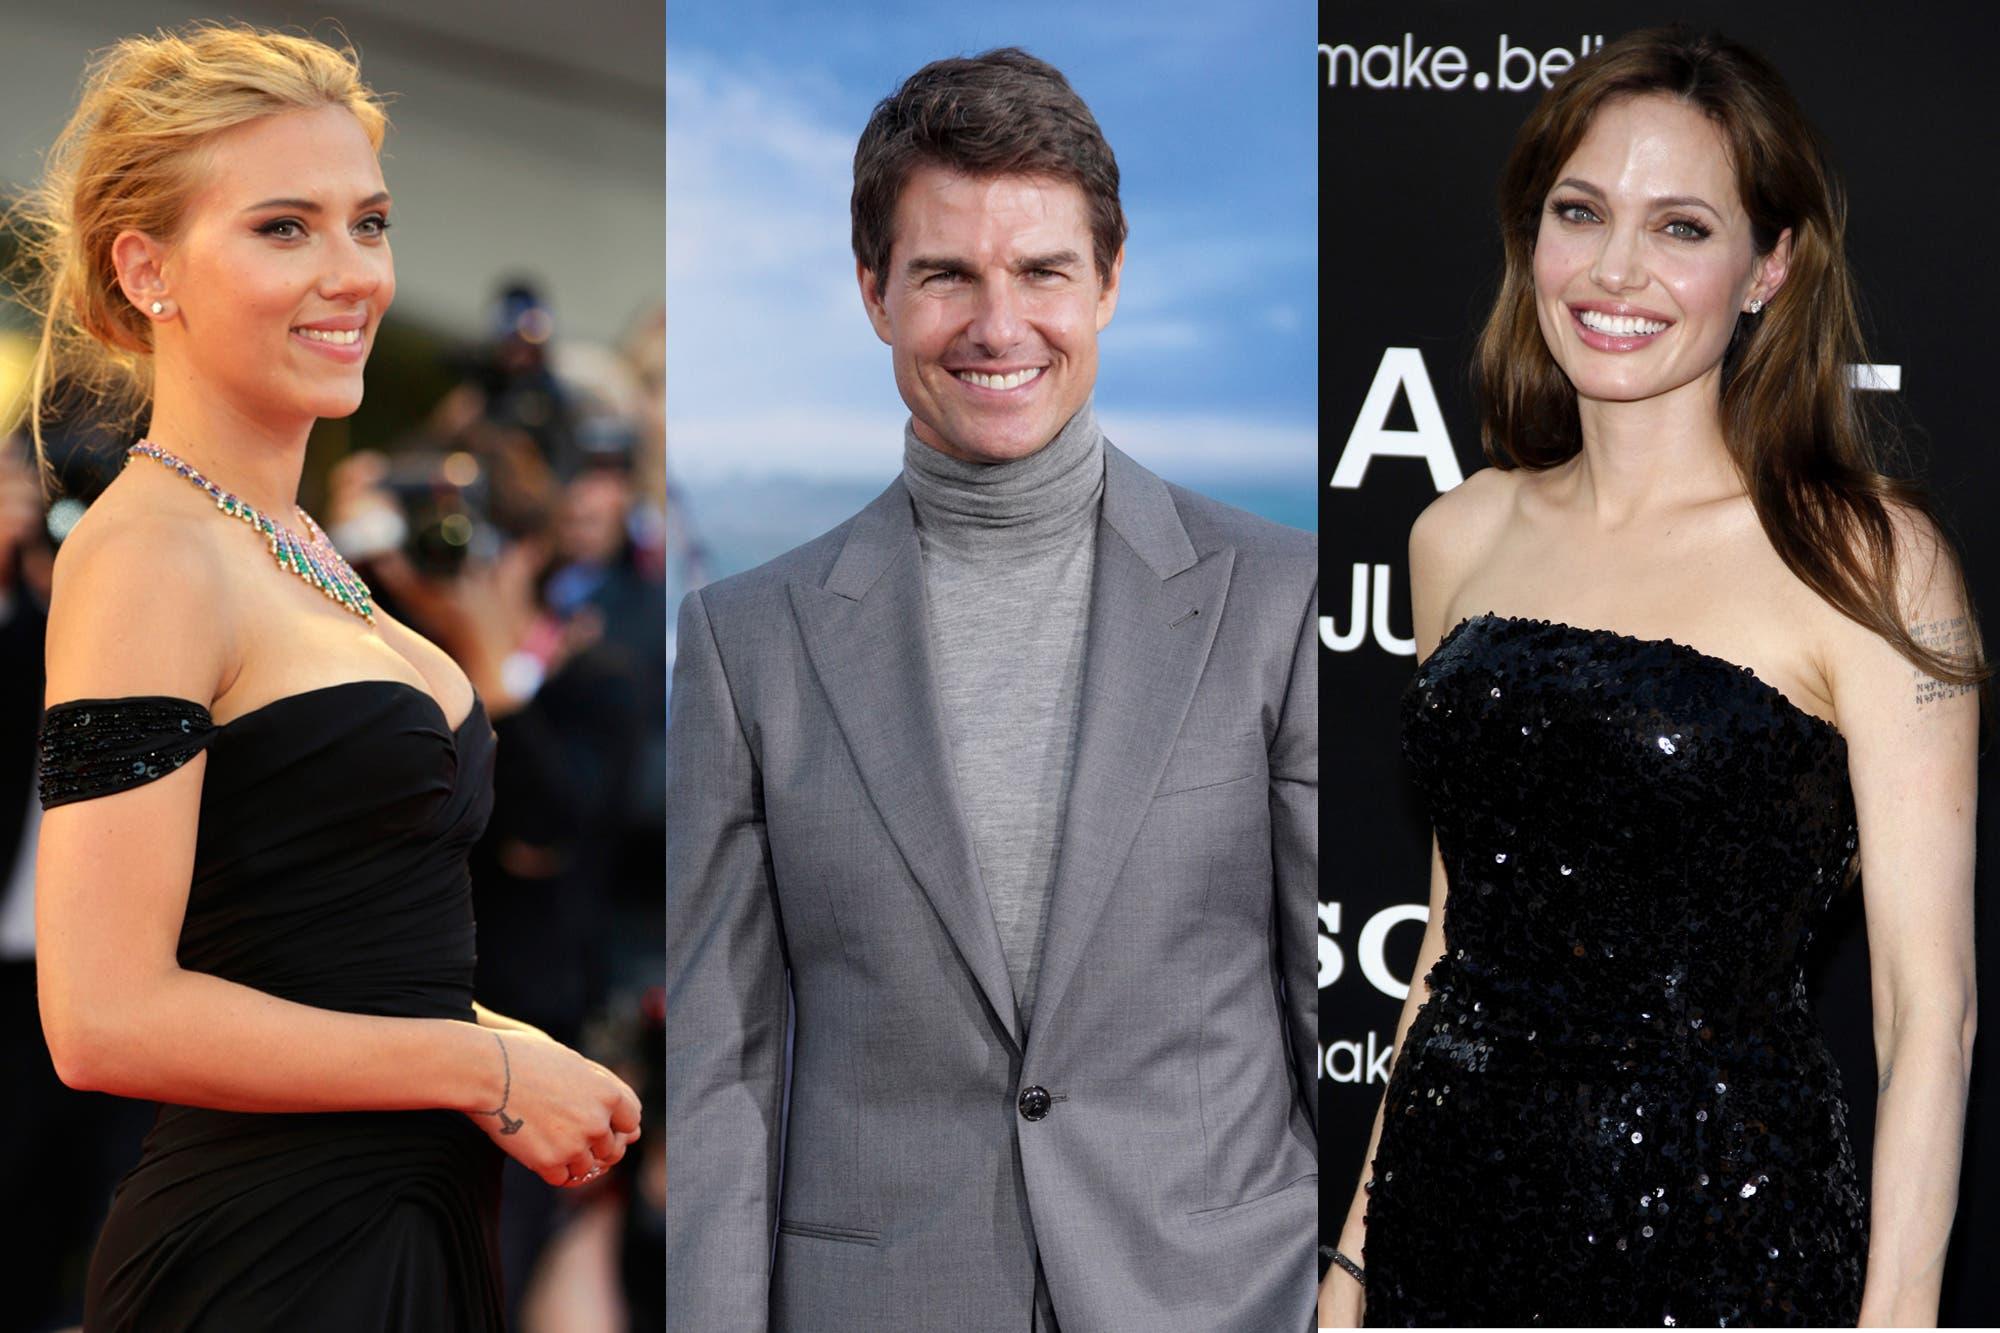 De Tom Cruise a Scarlett Johansson y Angelina Jolie, divorcios de famosos muy poco amistosos